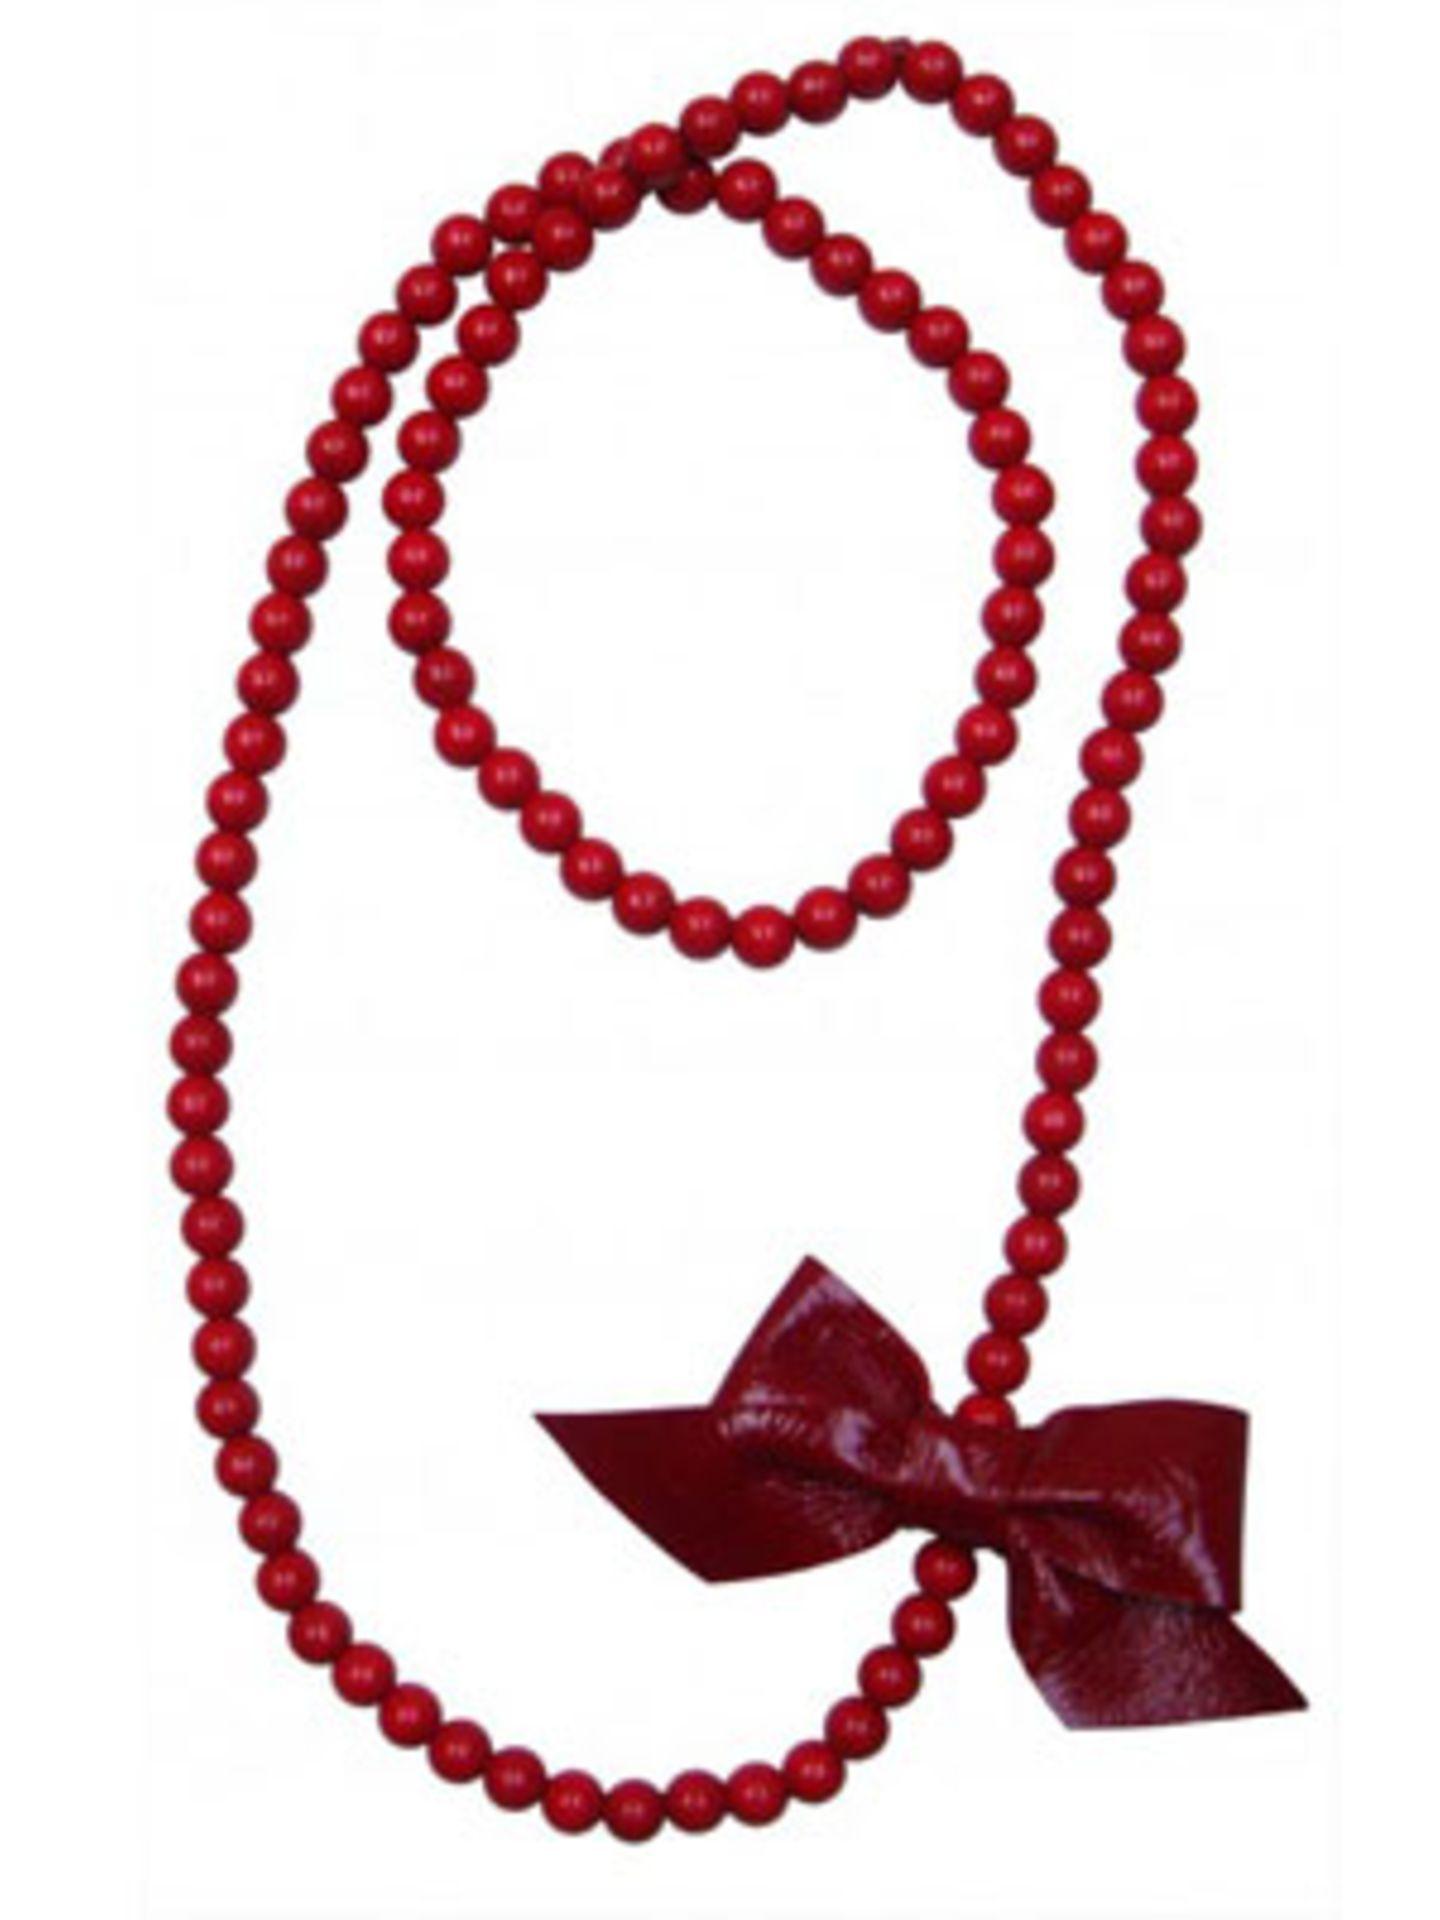 Lange rote Perlenkette mit Schleife aus Leder von Daily Obsessions, um 60 Euro. Über www.dailyobsessions.com.